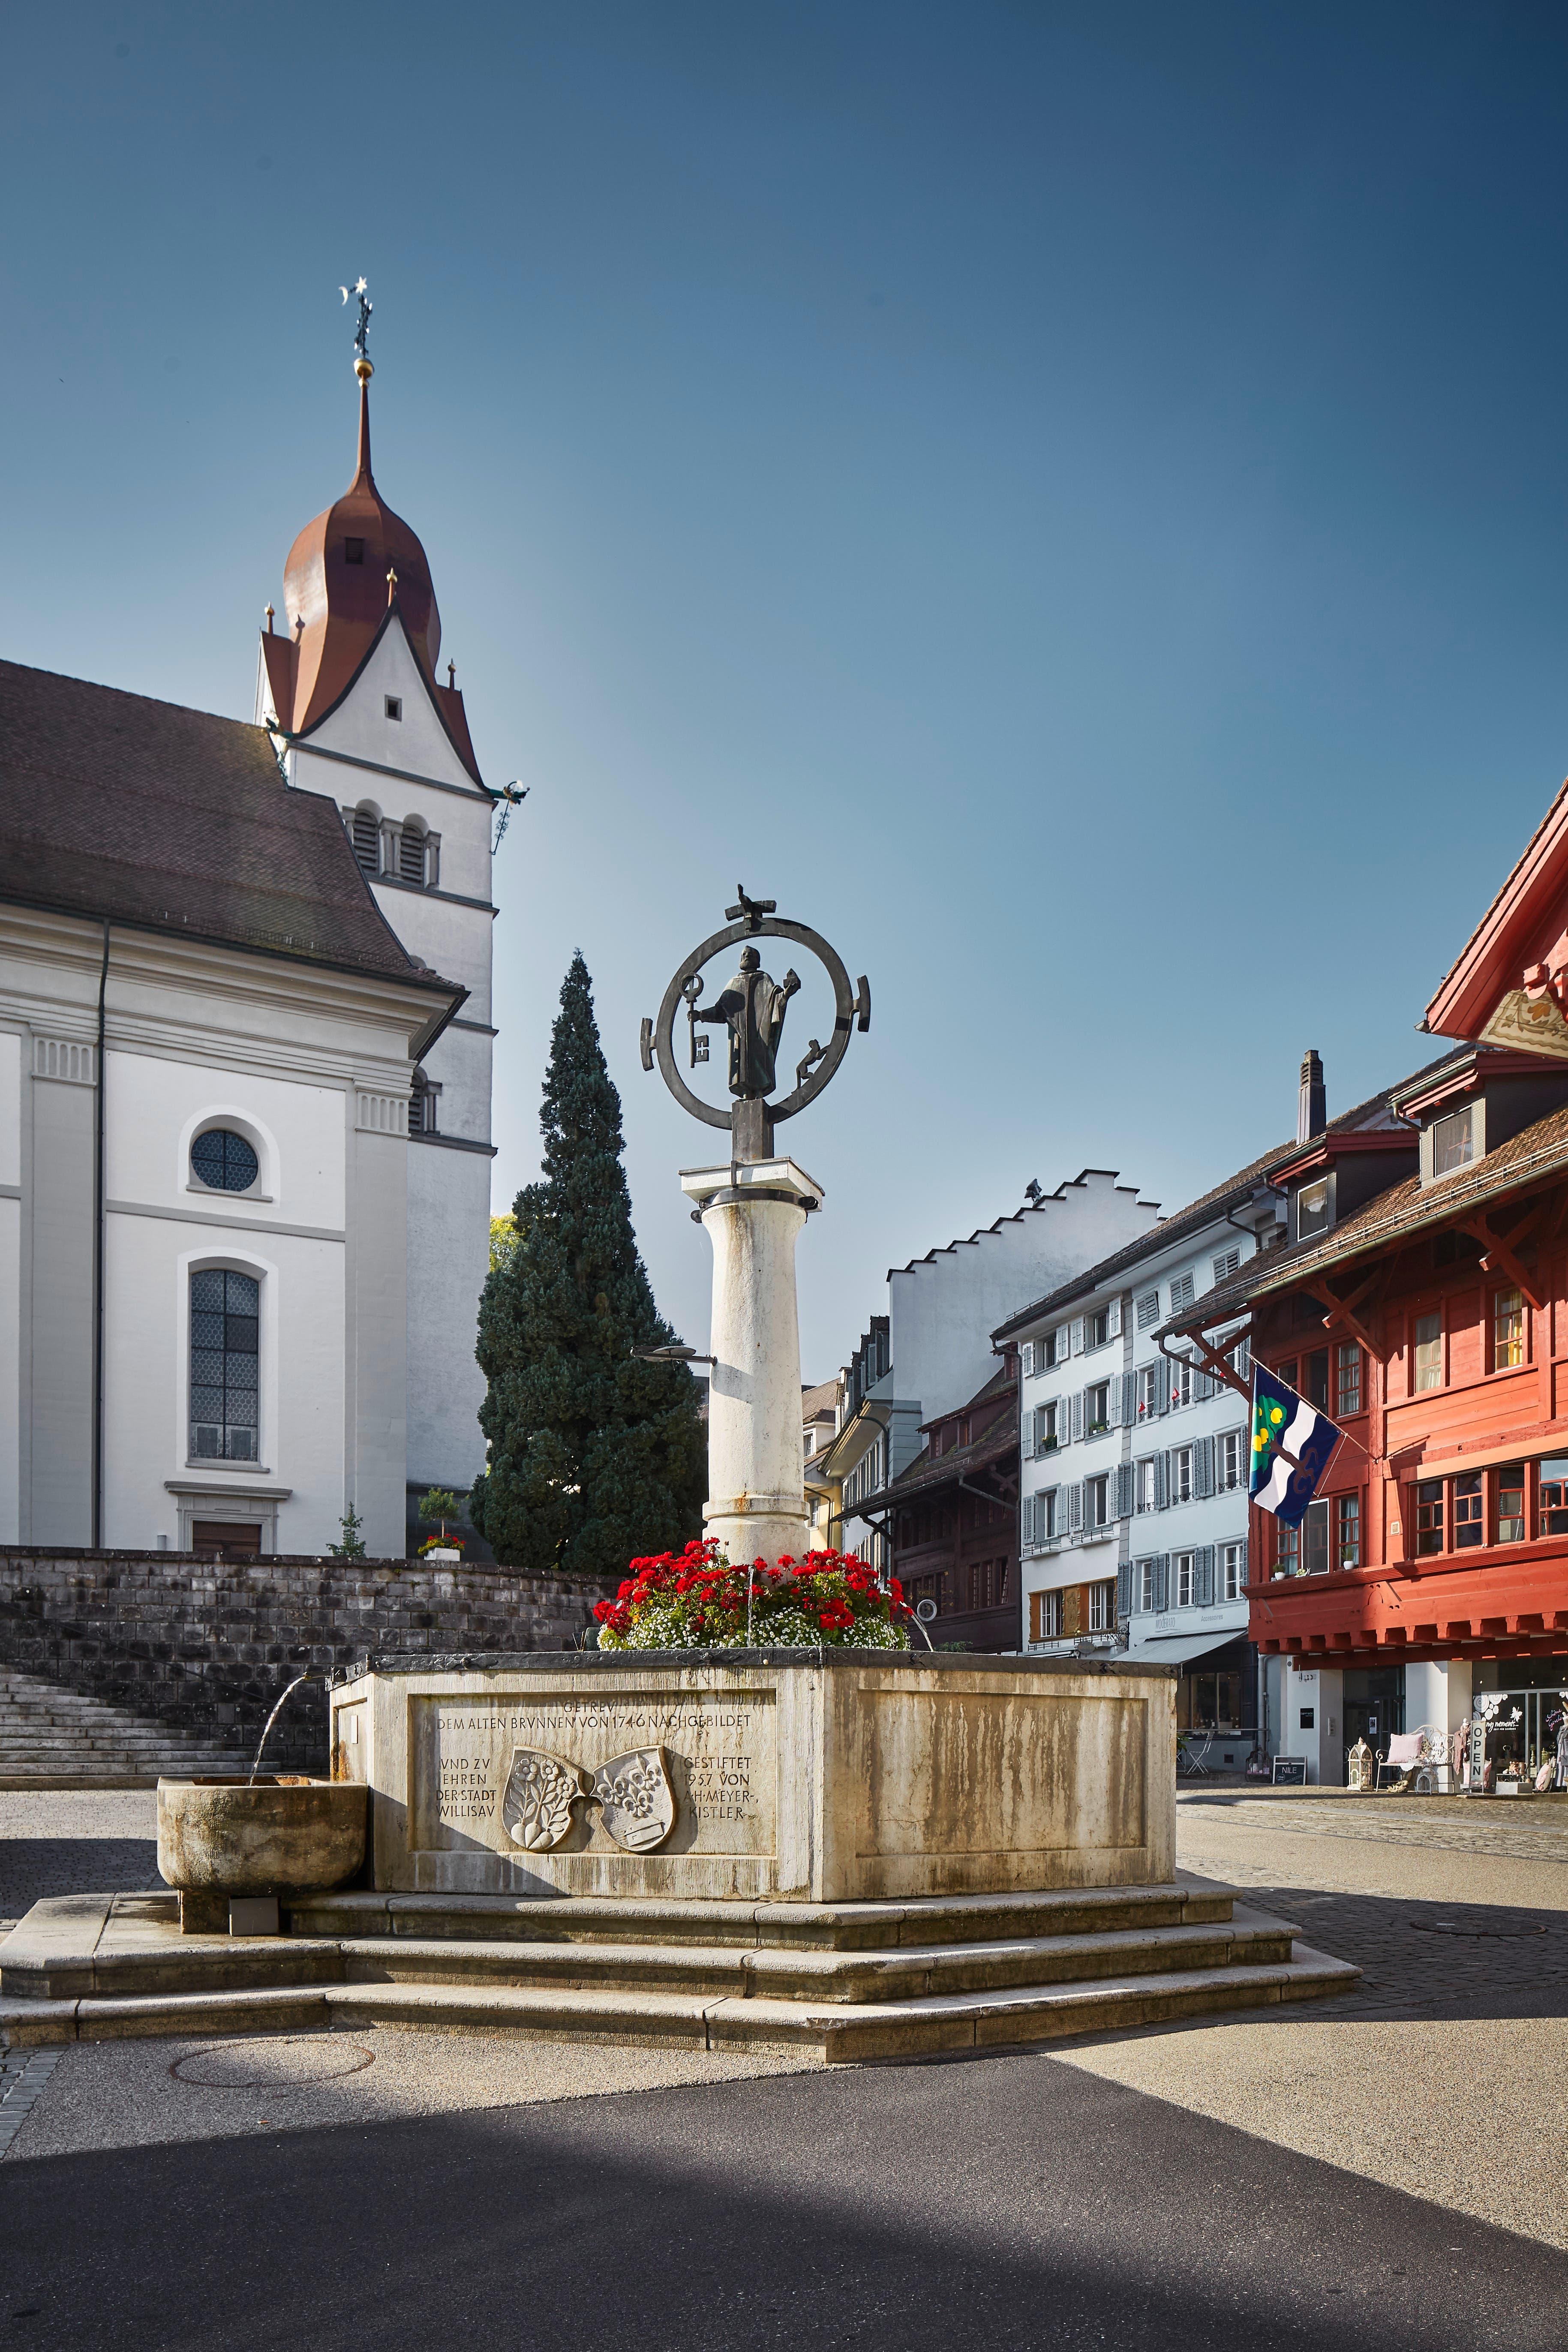 Einer der legendären Brunnen in der Altstadt